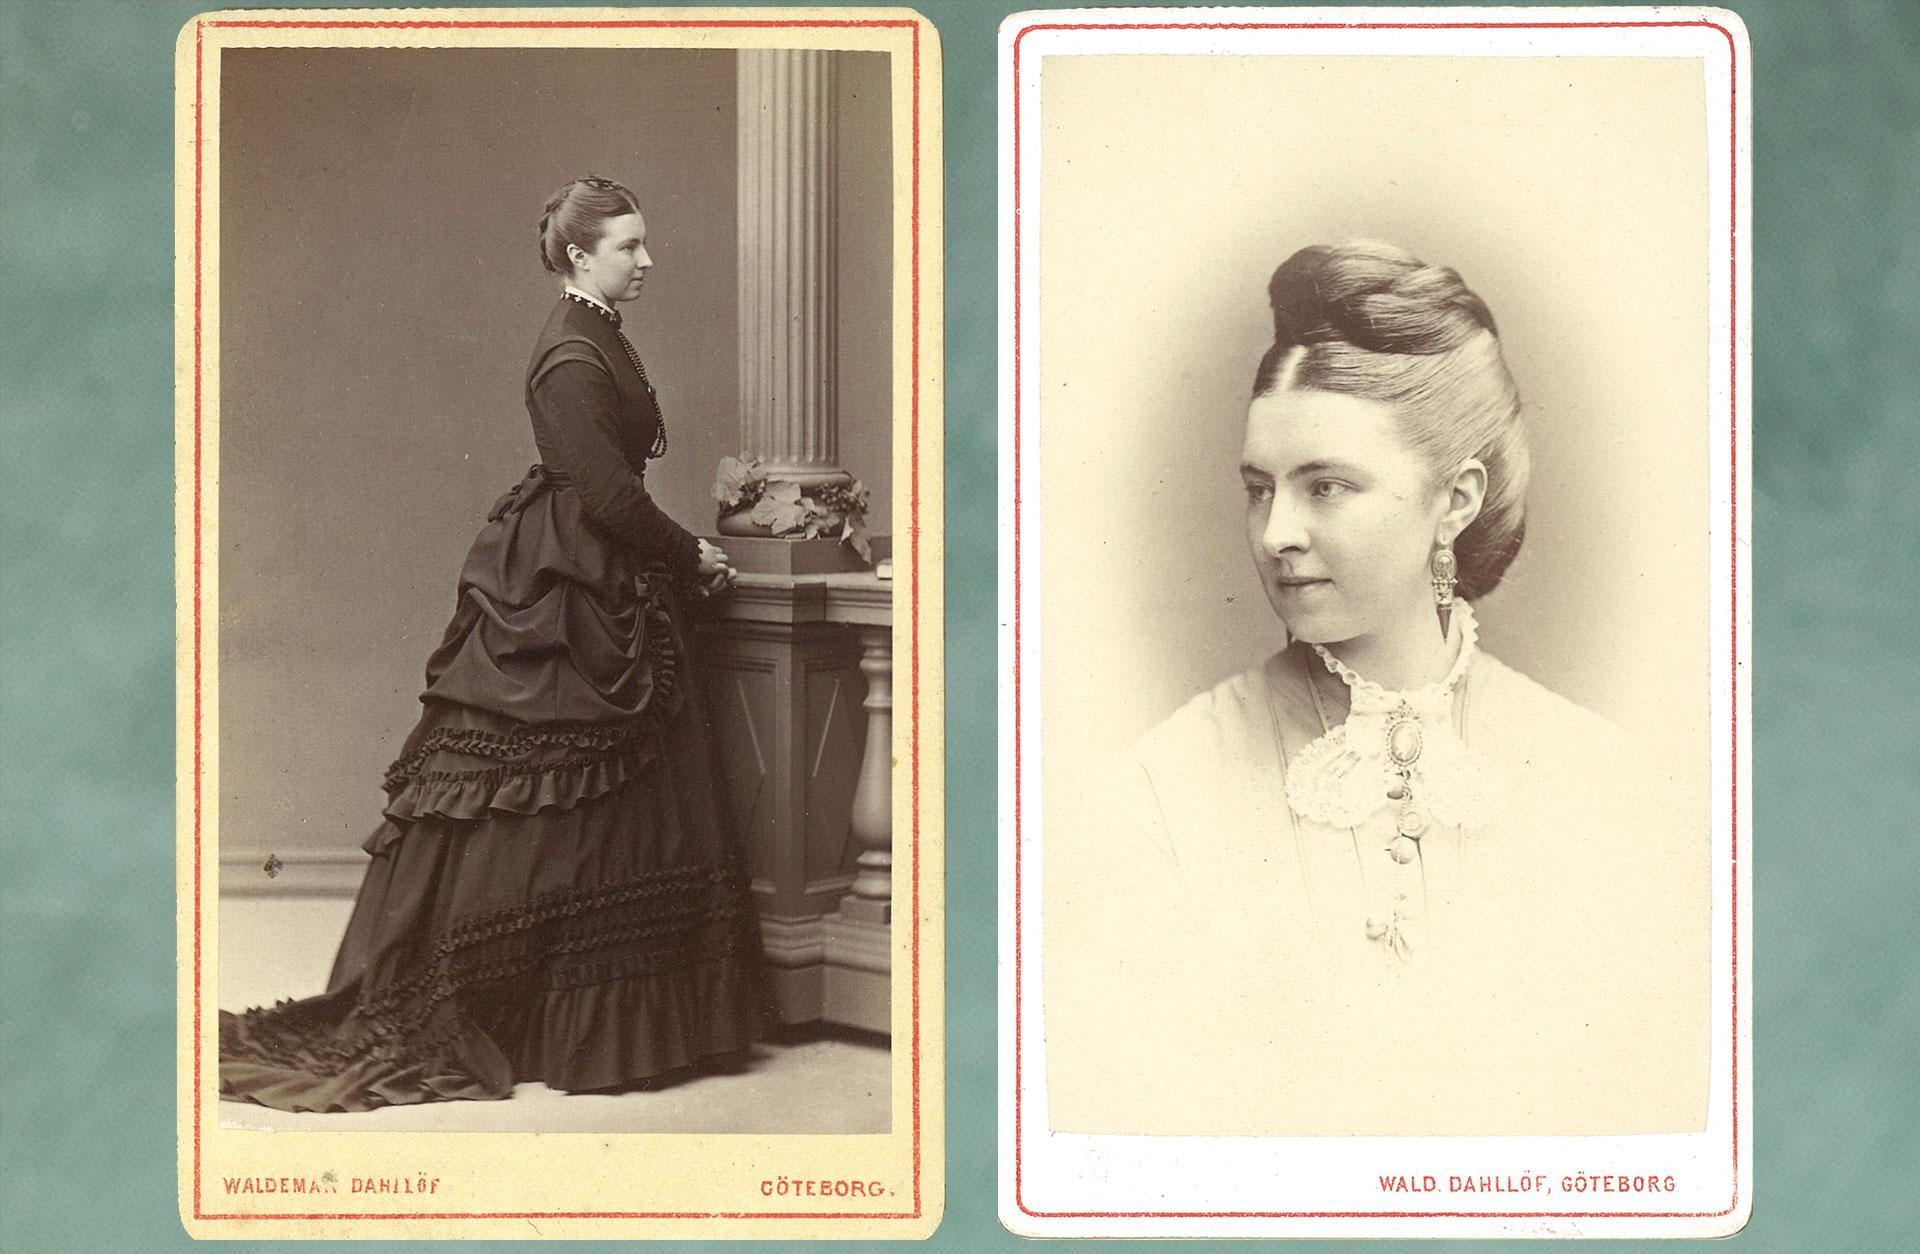 Två äldre fotografier av Caroline Wijk, ett där hon står i svart långklänning i helfigur och ett på hennes ansikte i profil.